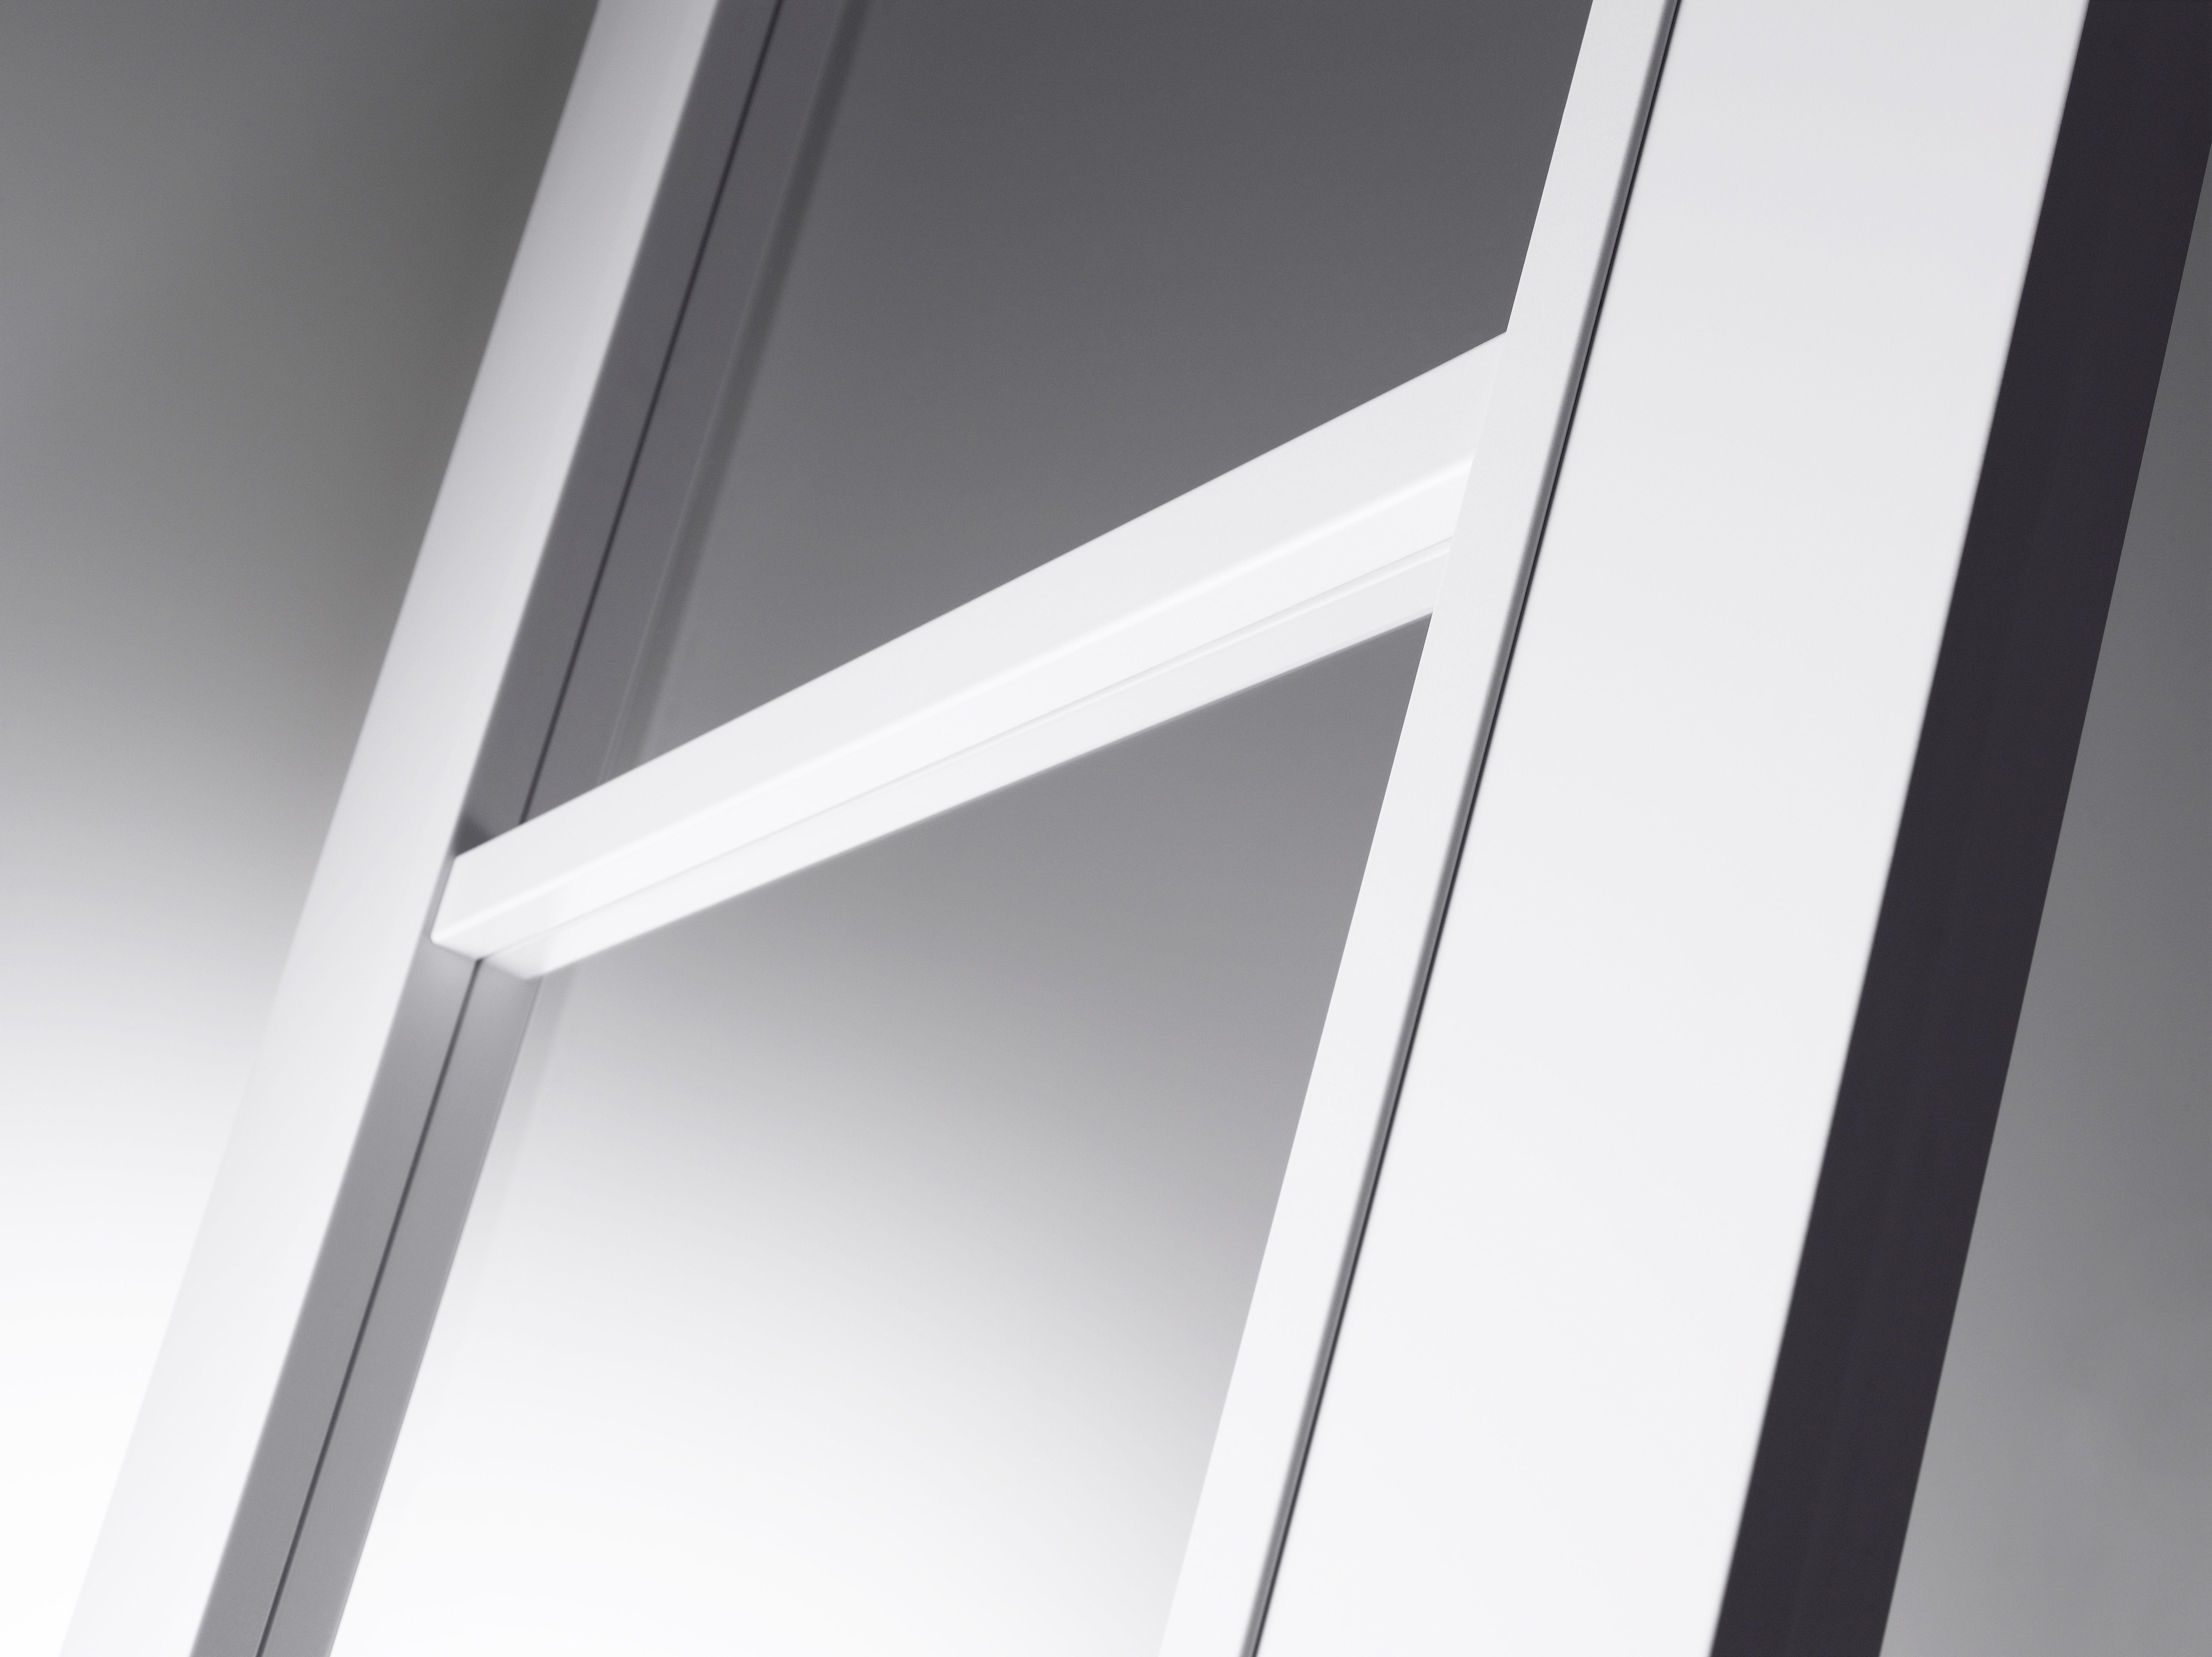 detail_con1_0007_def-lichter